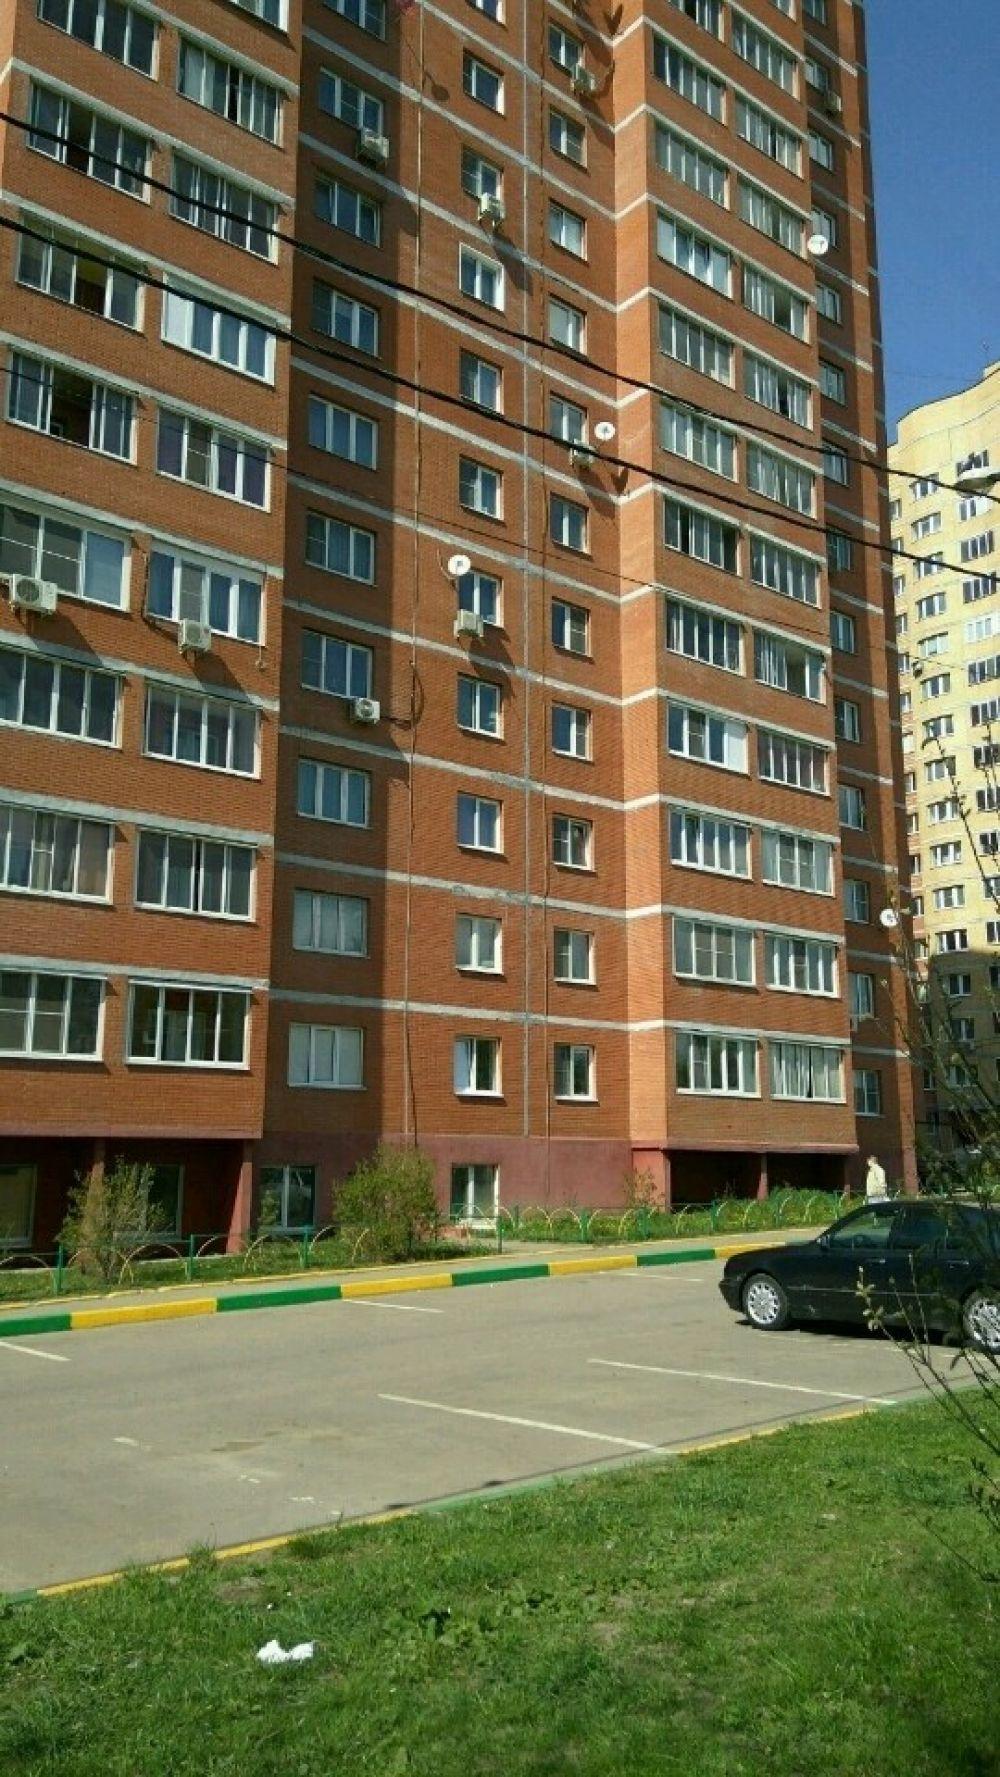 1-к квартира, Щёлково, улица Неделина, 24, фото 1